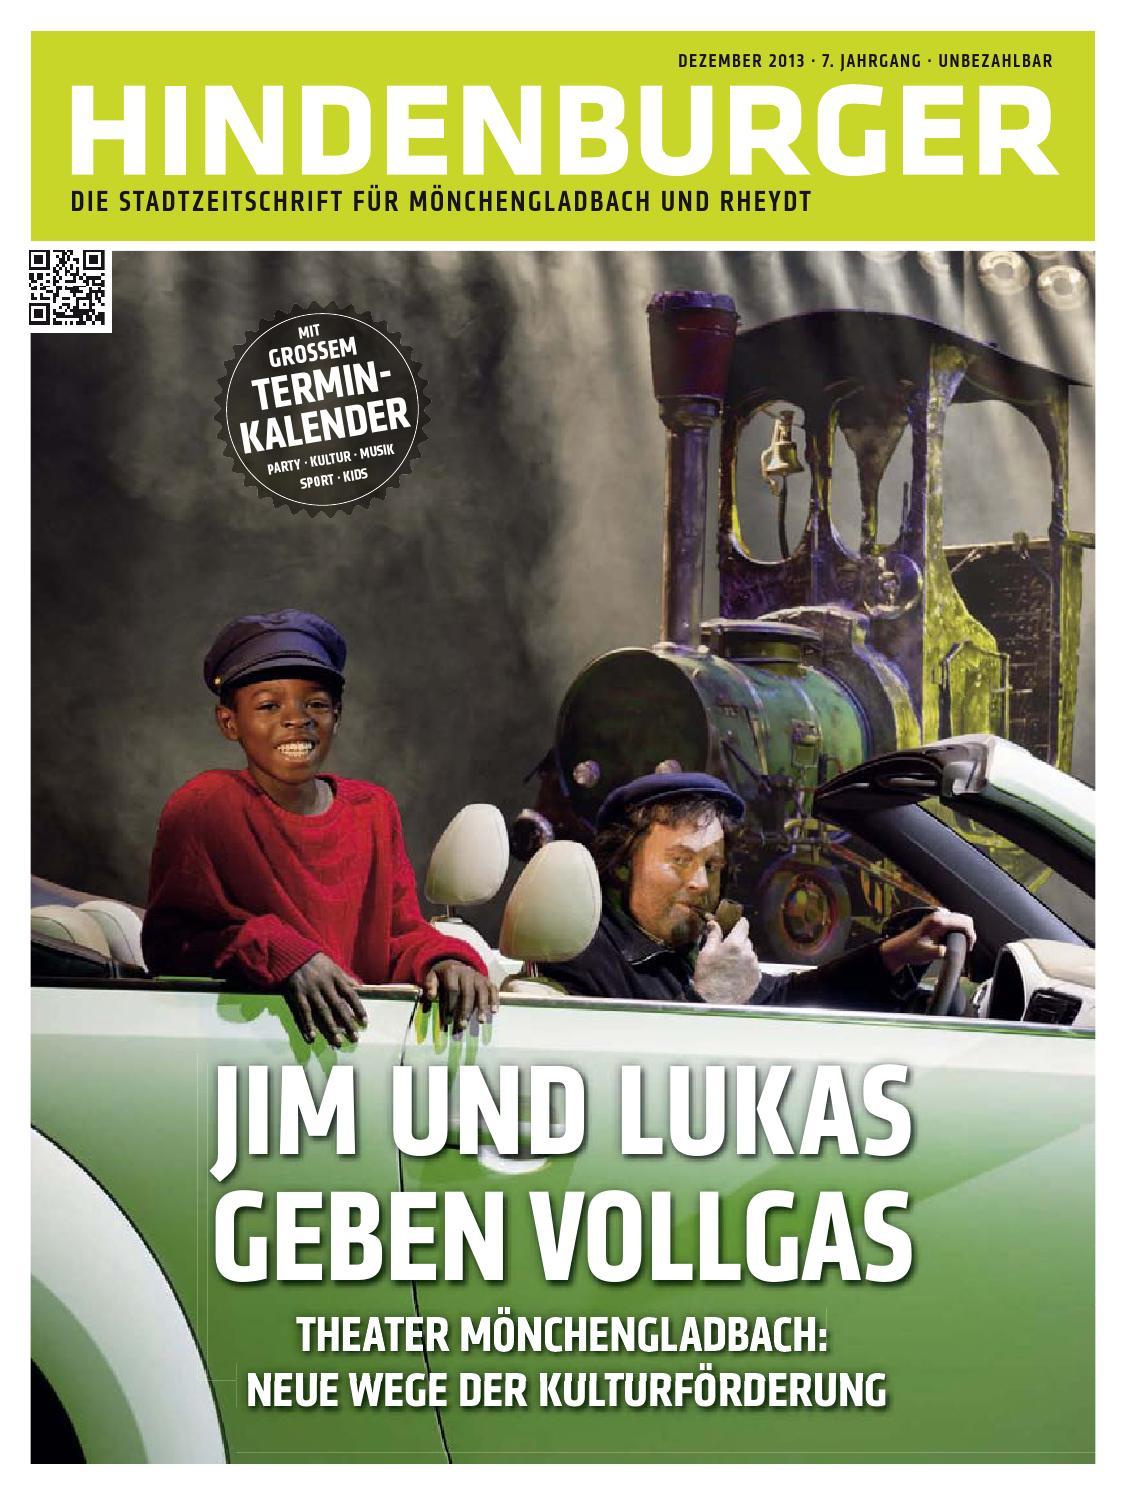 Hindenburger Ausgabe 12-2013 by Sascha Broich - issuu